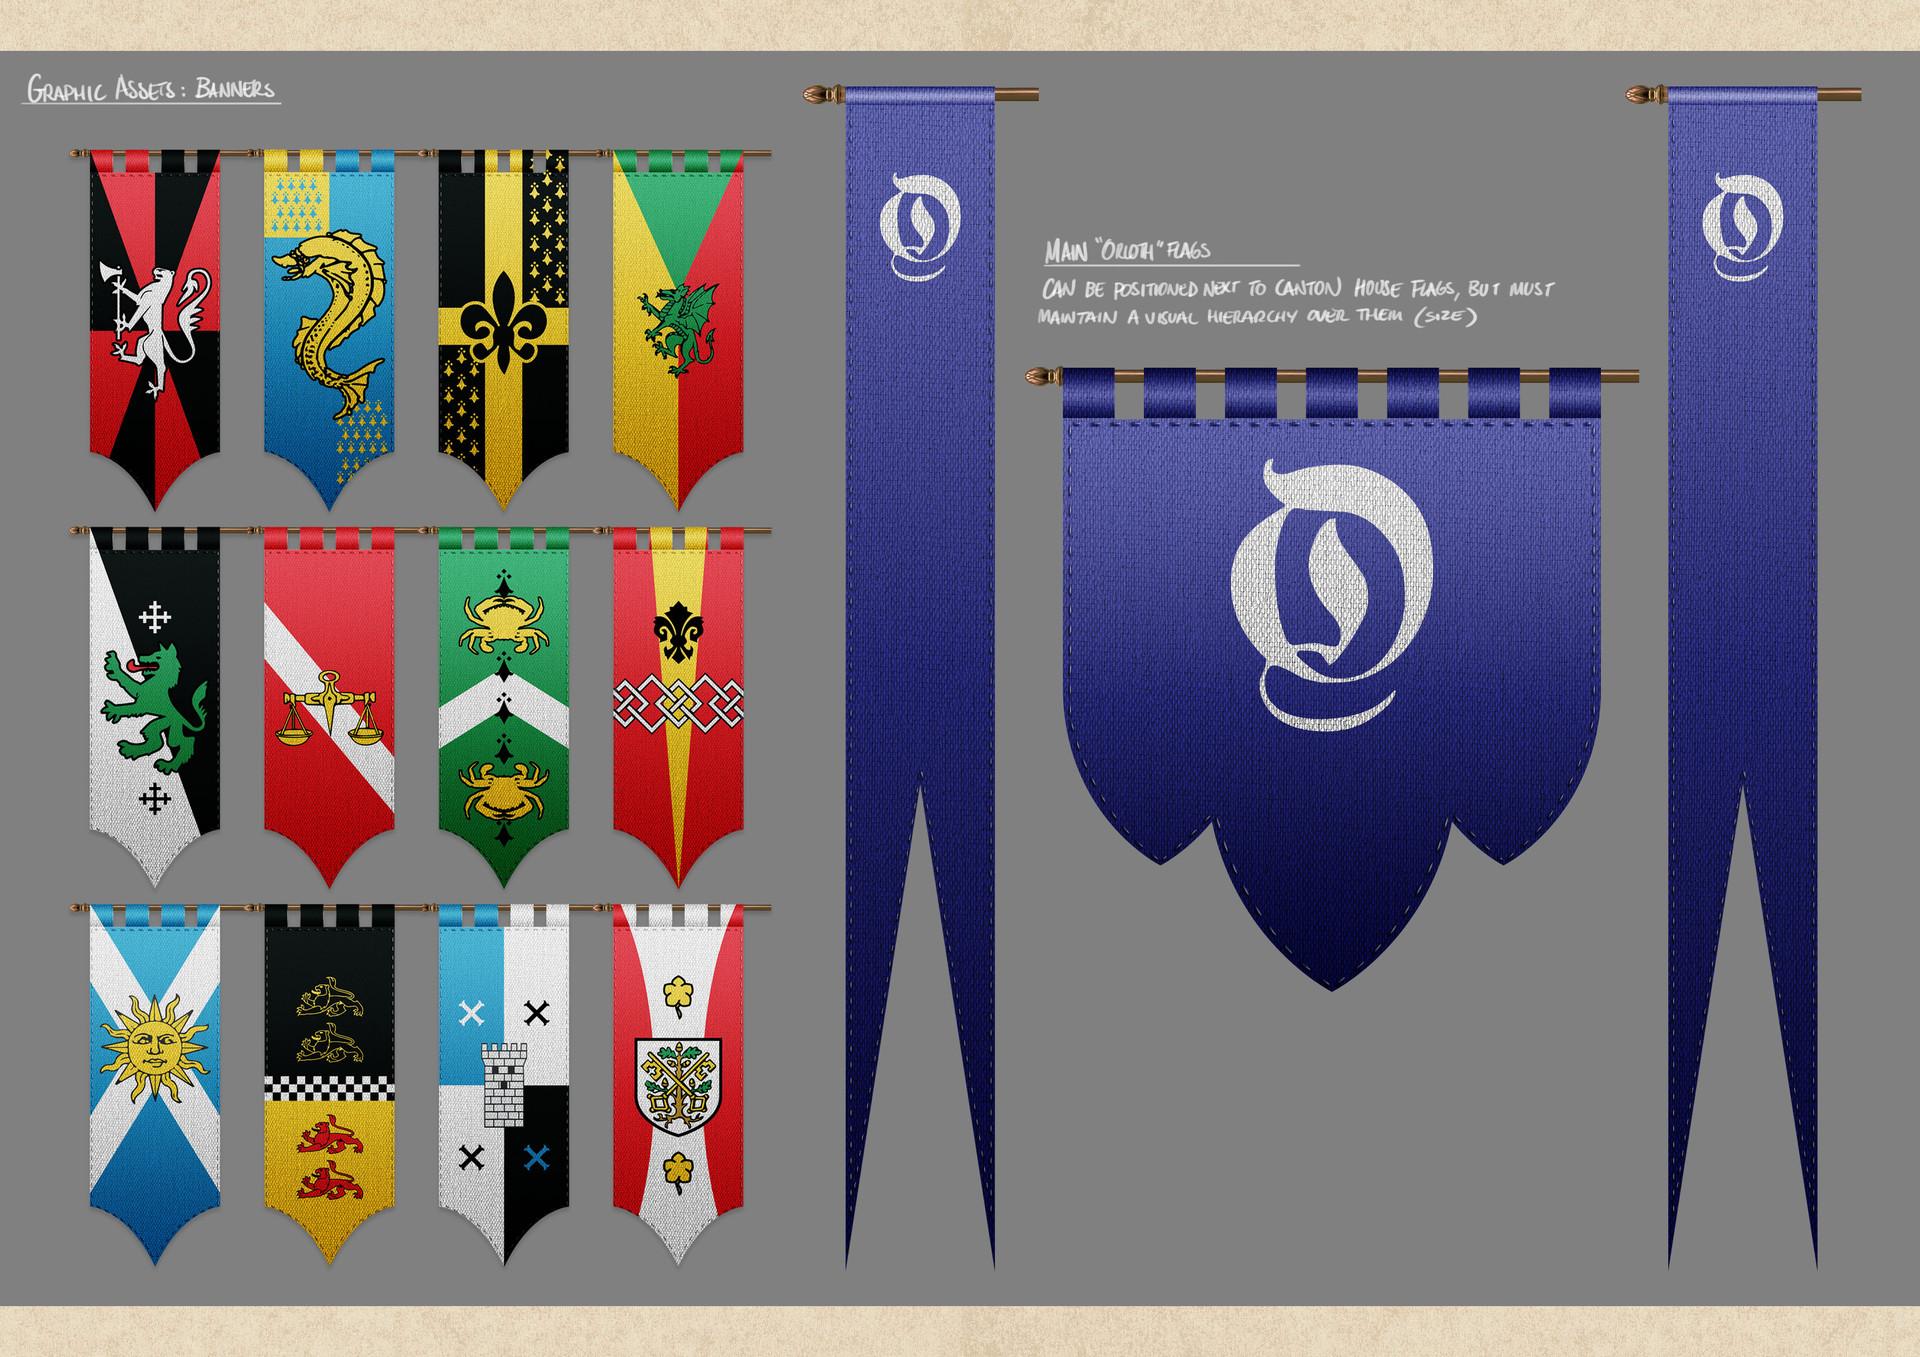 Tudor morris banners paint up 2